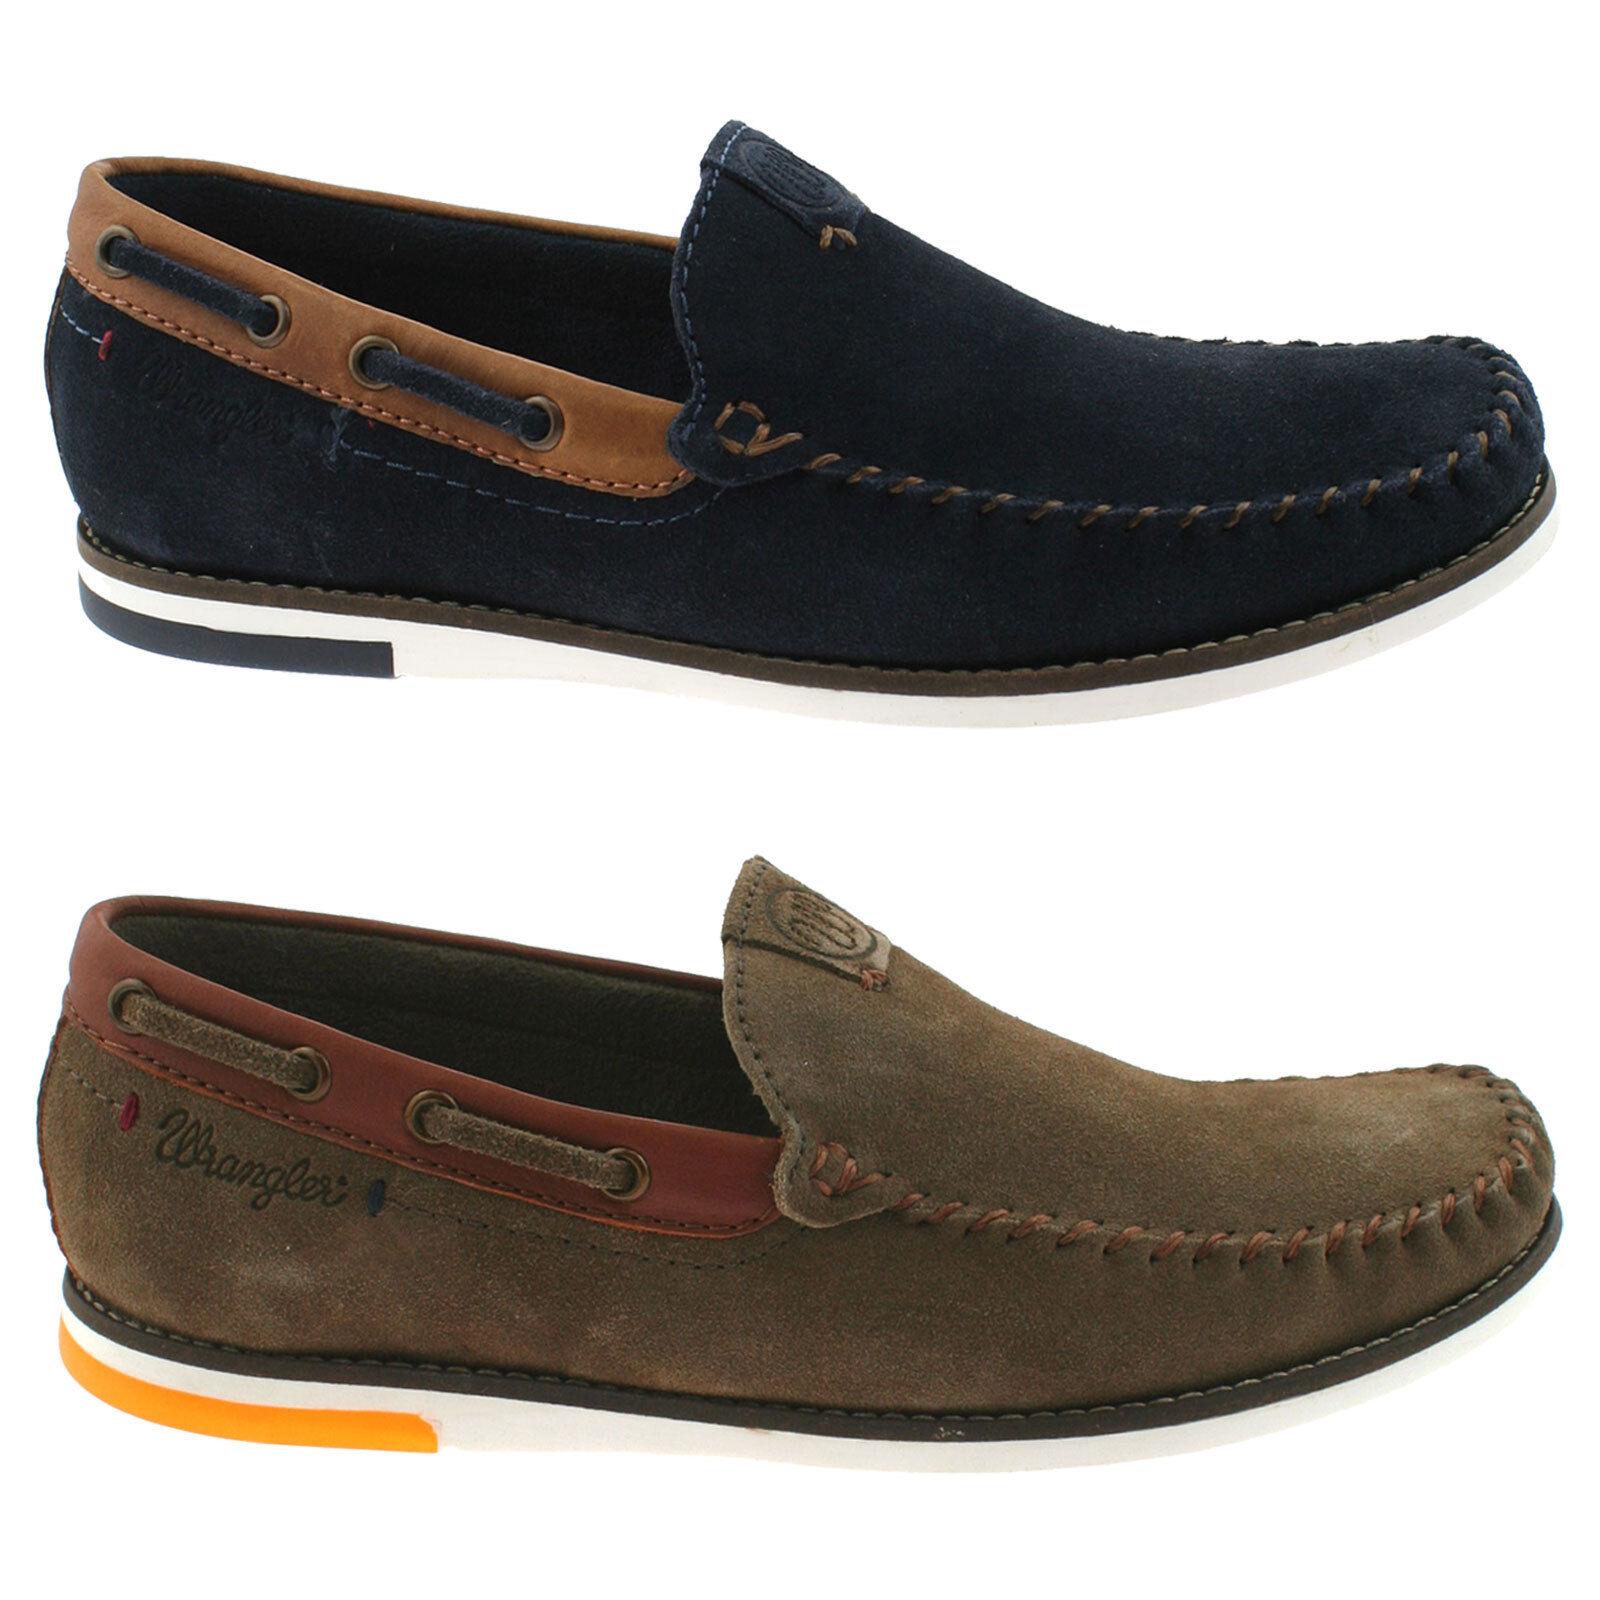 Los zapatos más populares para hombres y mujeres Niños Superga 2750 J Cotu Classic Deportivas Azul